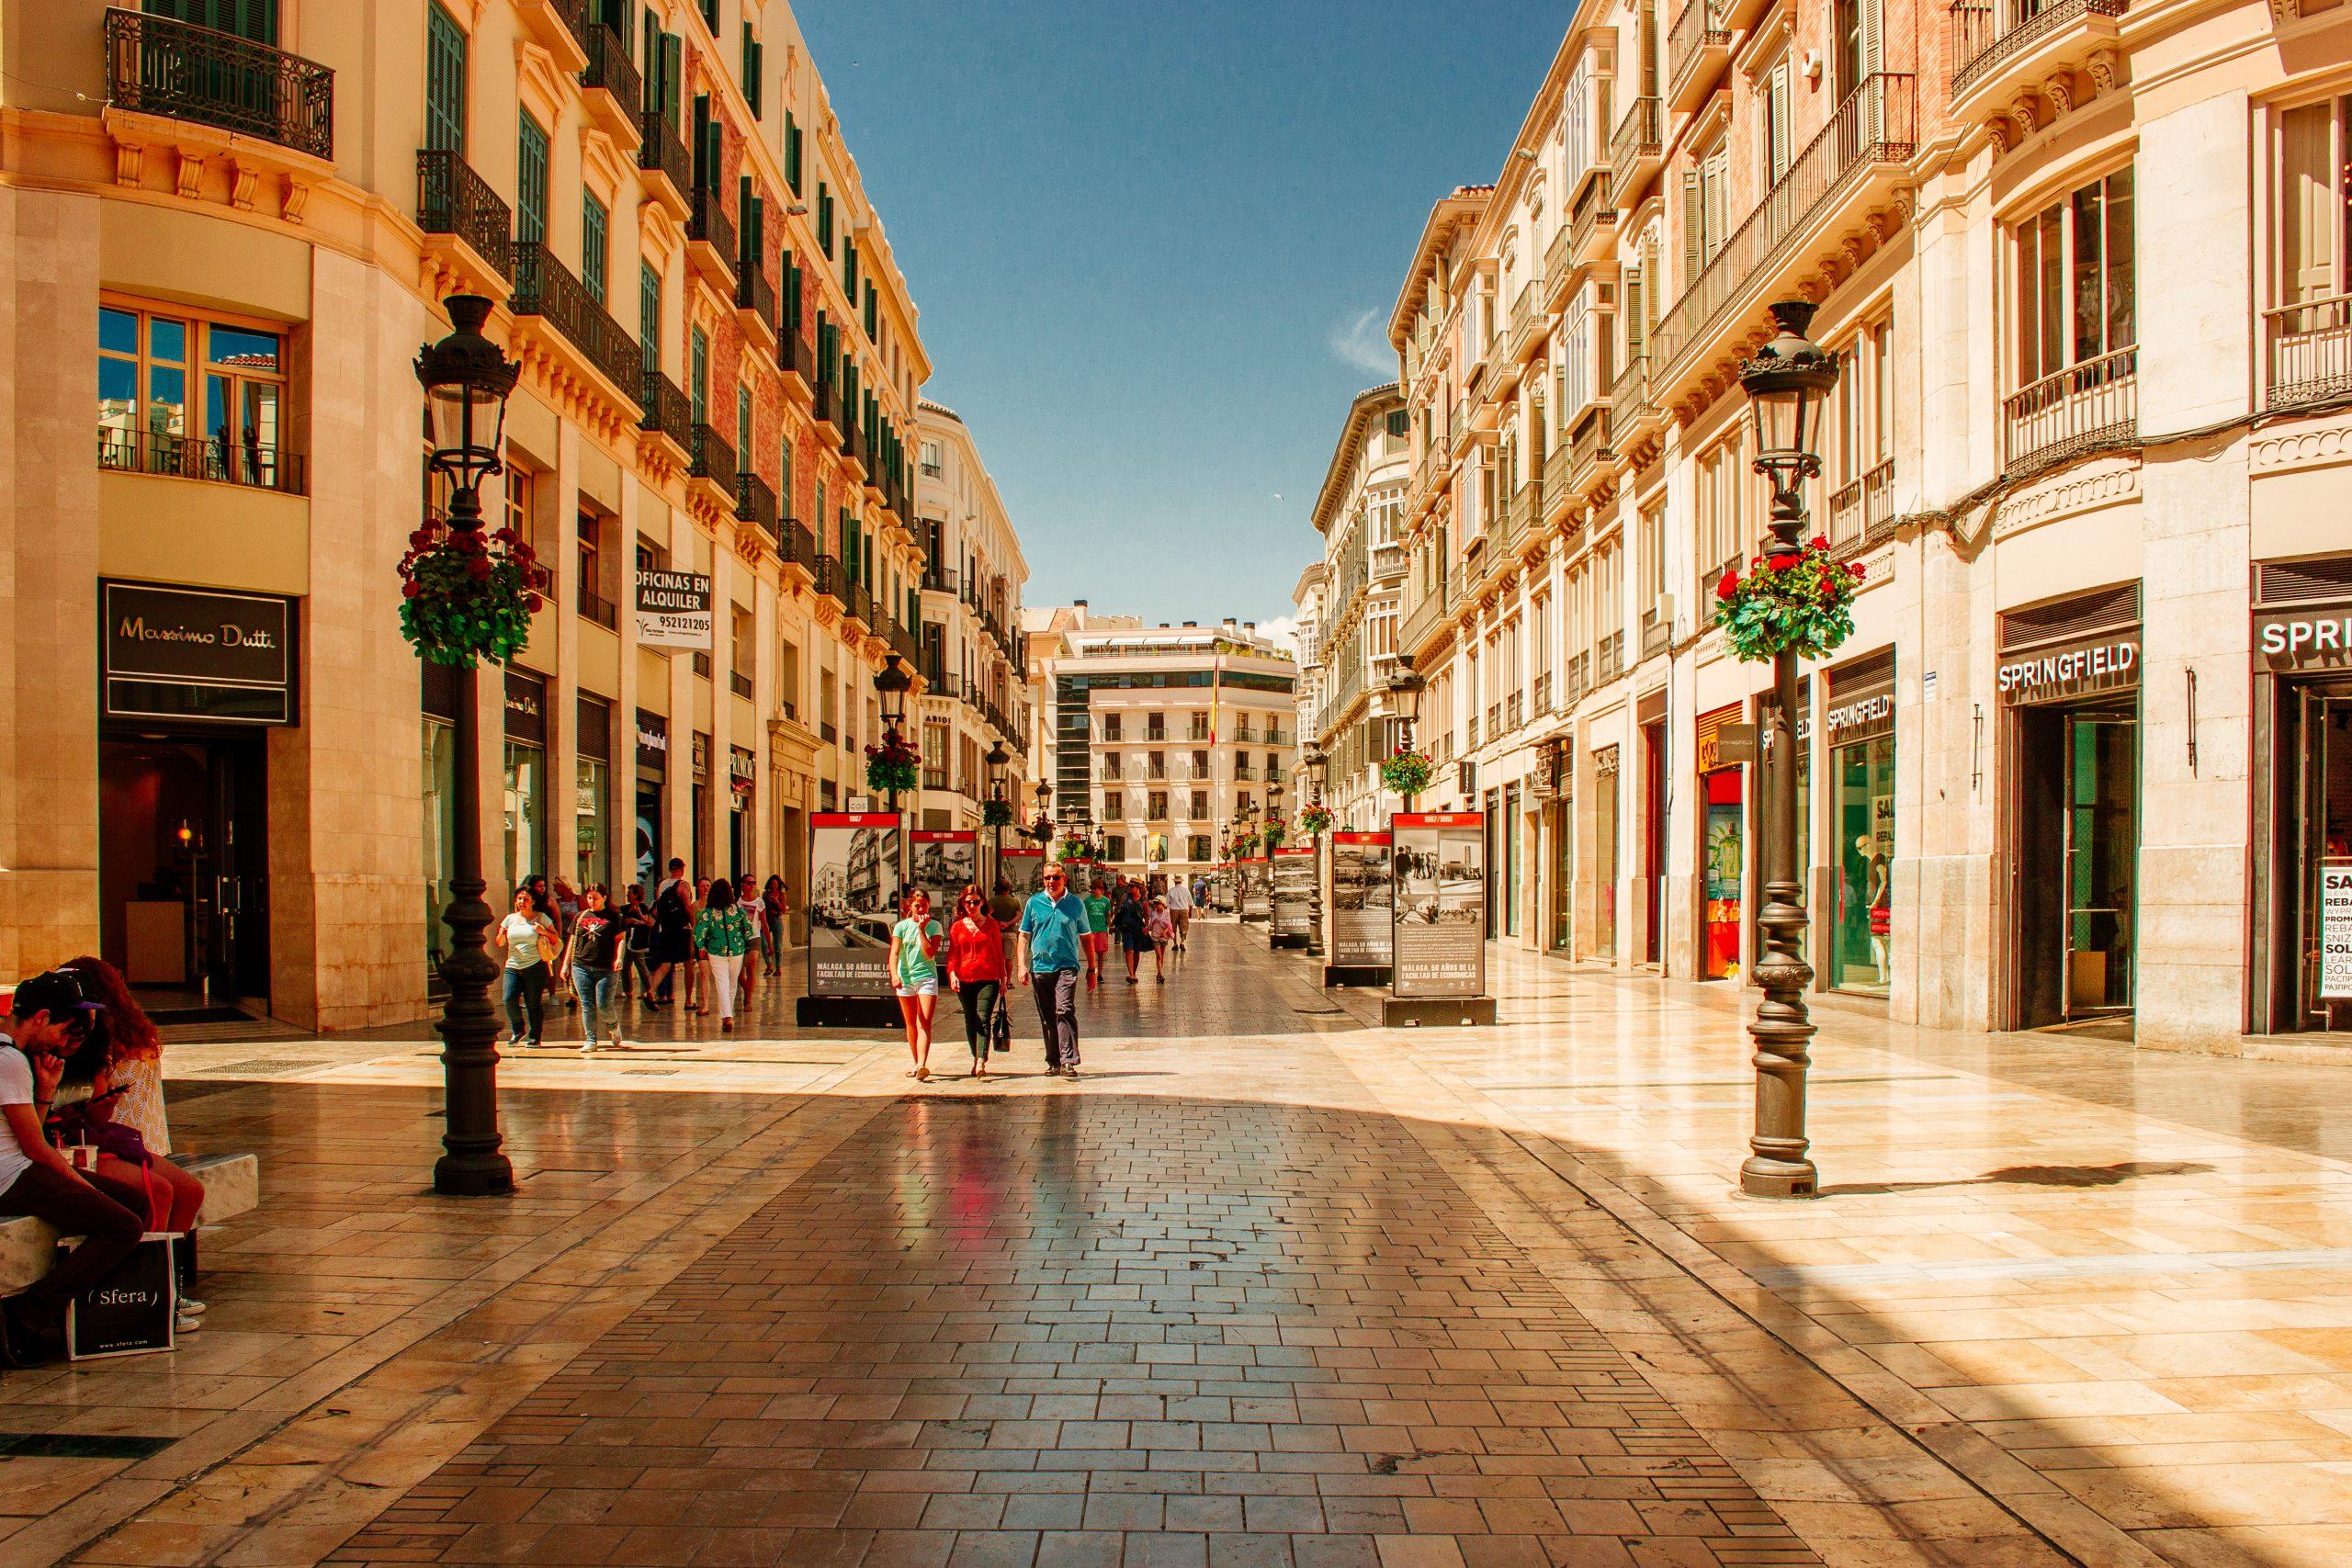 vacanza economica in Spagna: il centro di Malaga